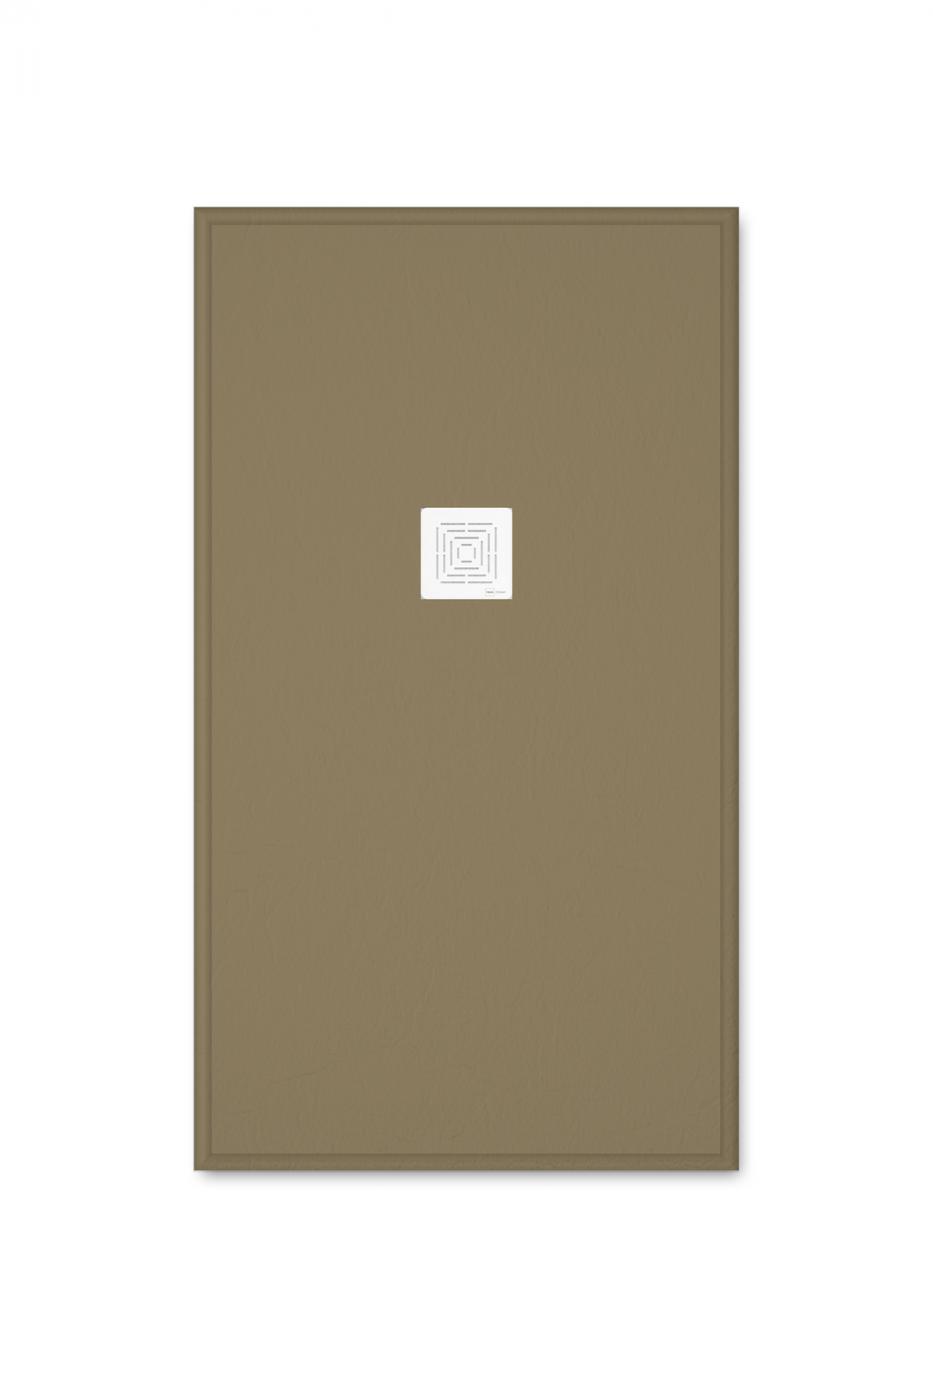 Zuhanytálca XL - 80 cm széles